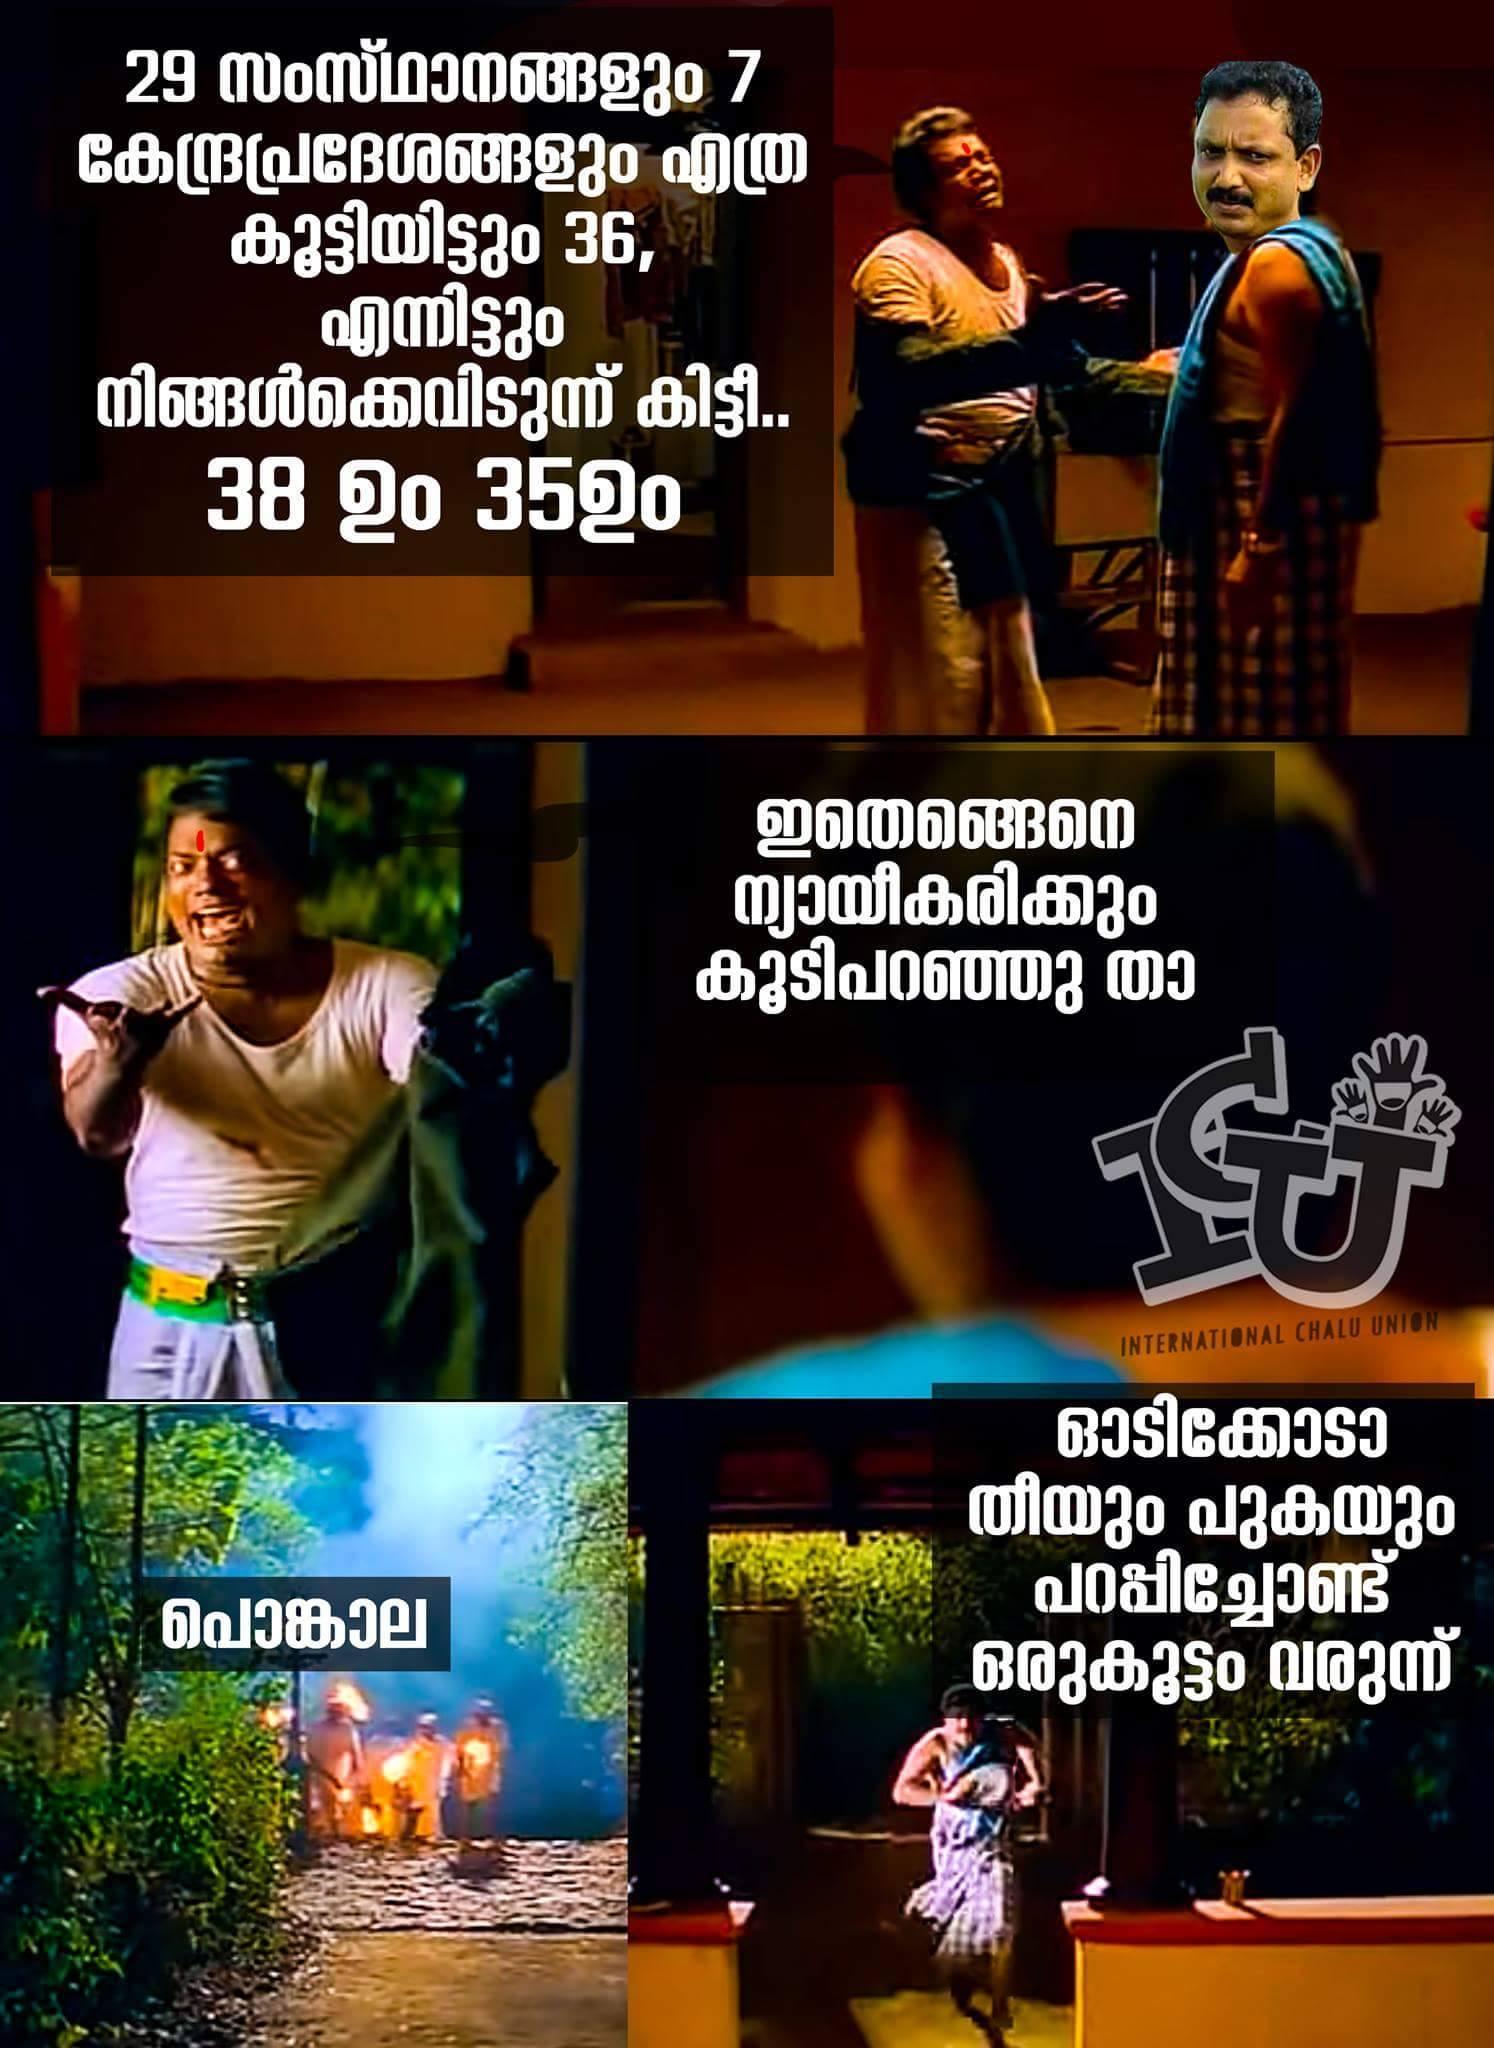 സംസ്ഥാനം 38; സുരേന്ദ്രന് ട്രോളോടു ട്രോള്